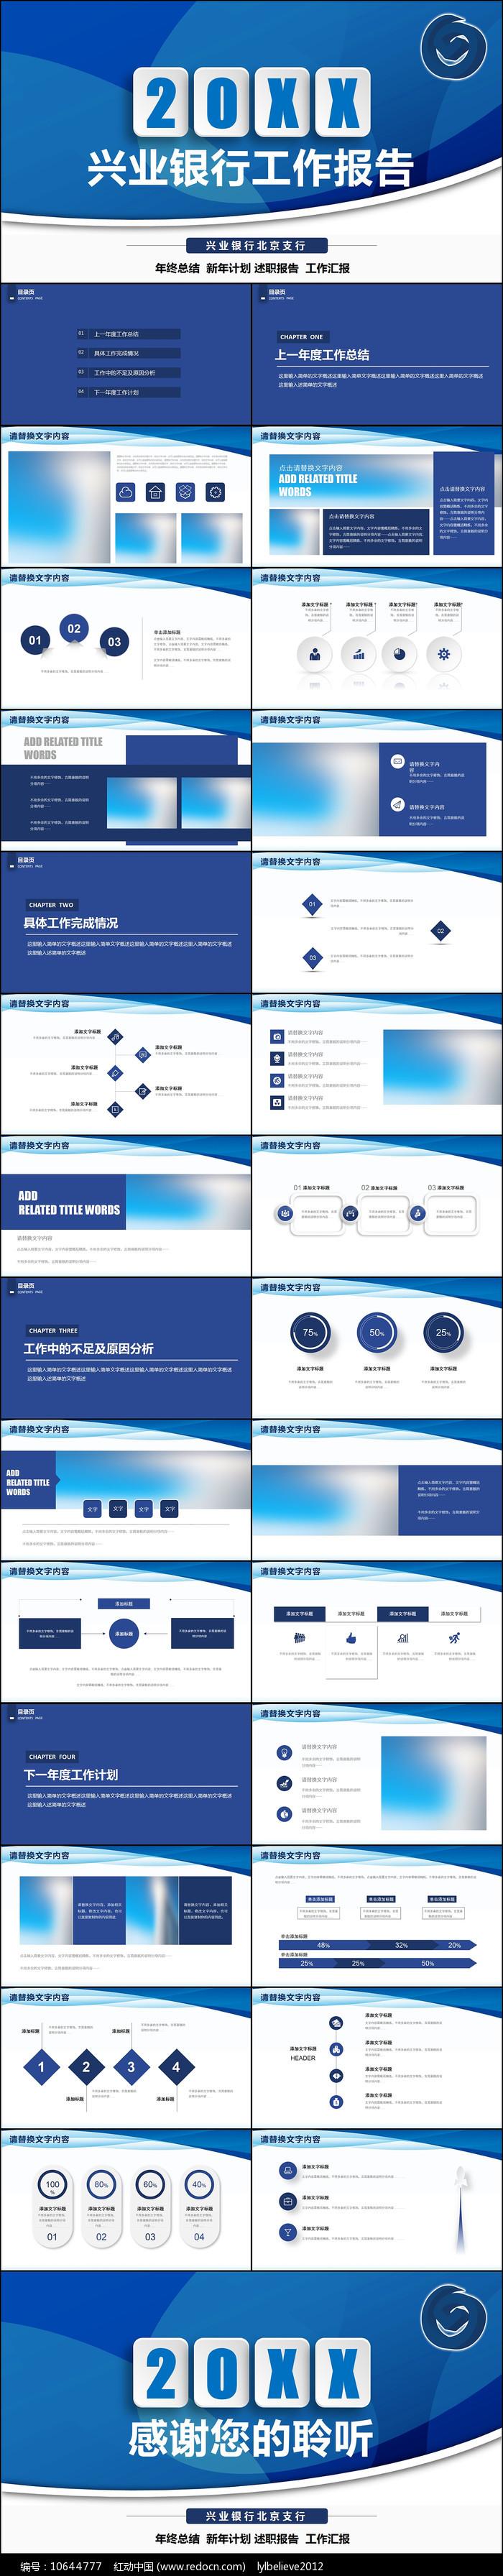 兴业银行金融理财工作计划PPT图片